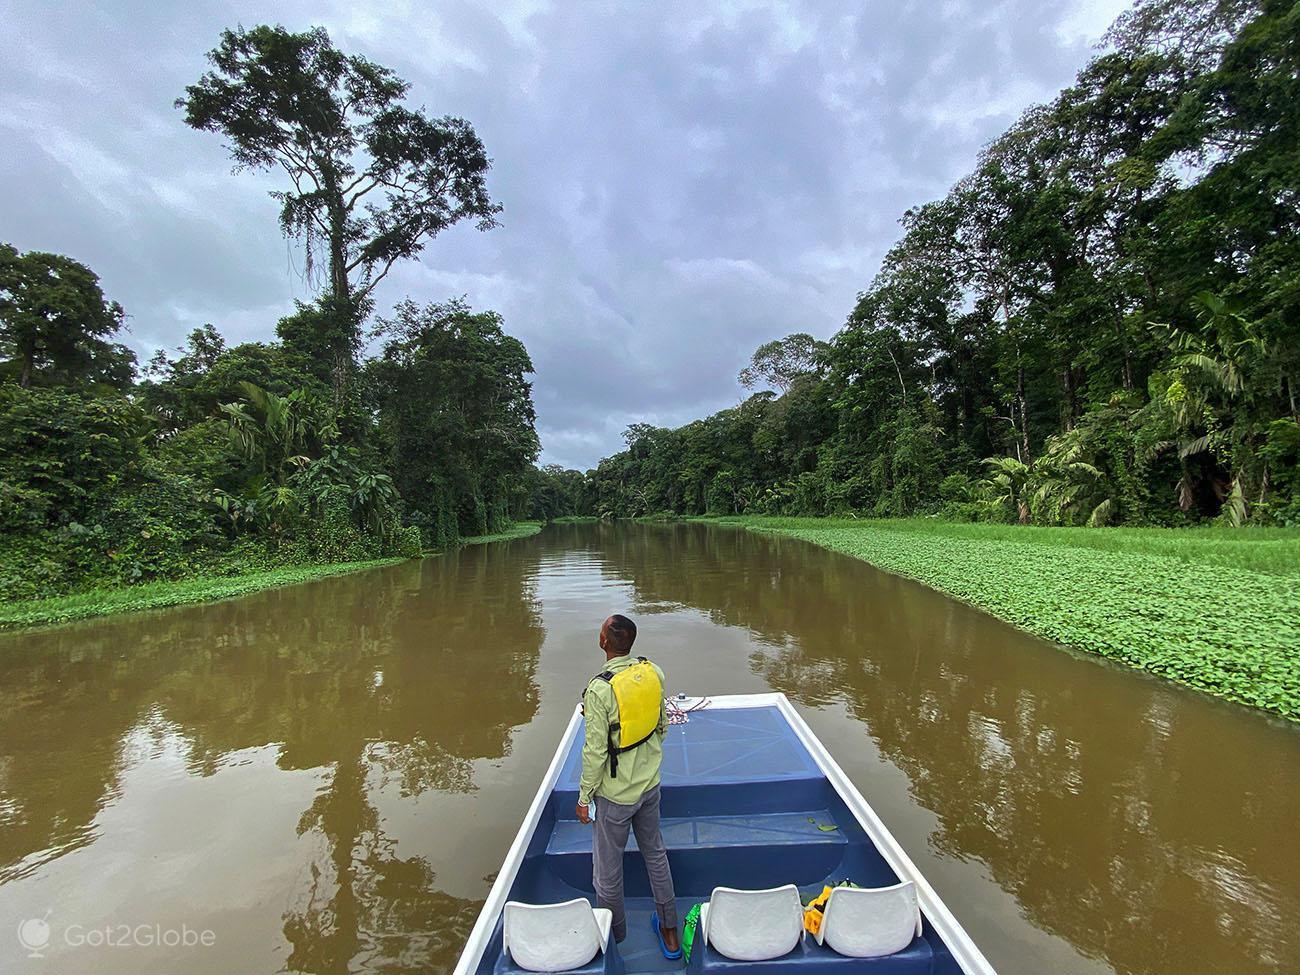 Guia, PN Tortuguero, Costa Rica